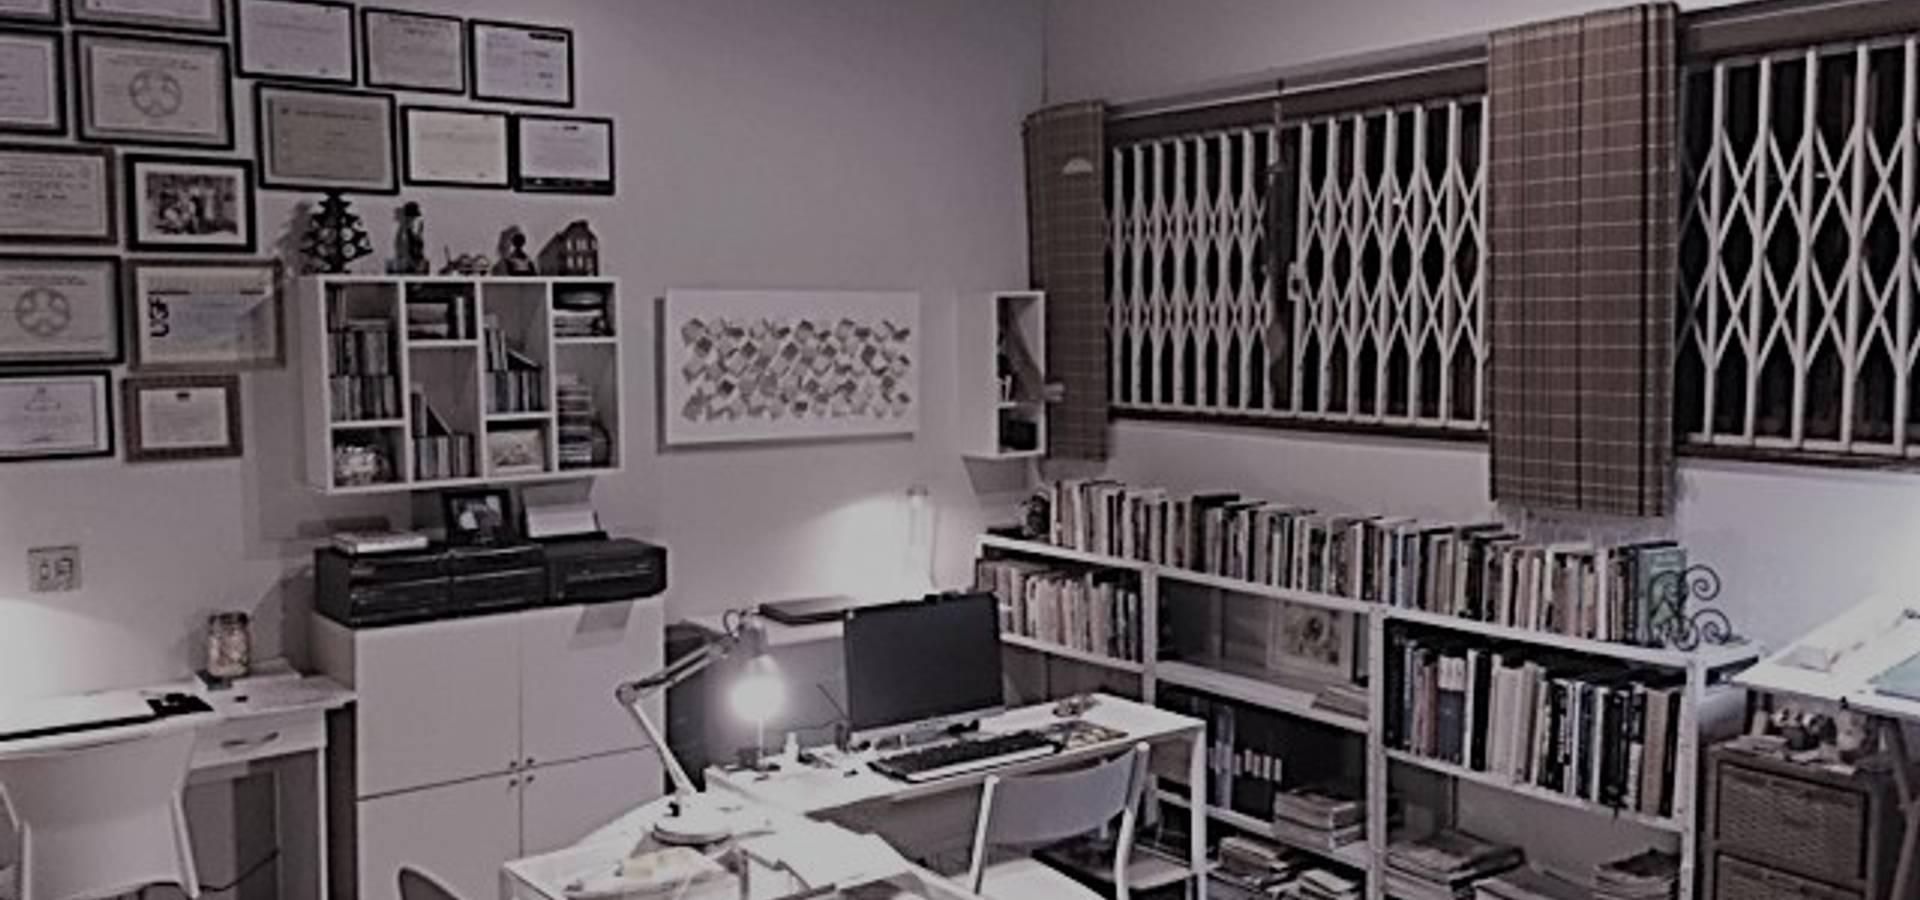 Cláudia Bertoche Arquitetura e Interiores